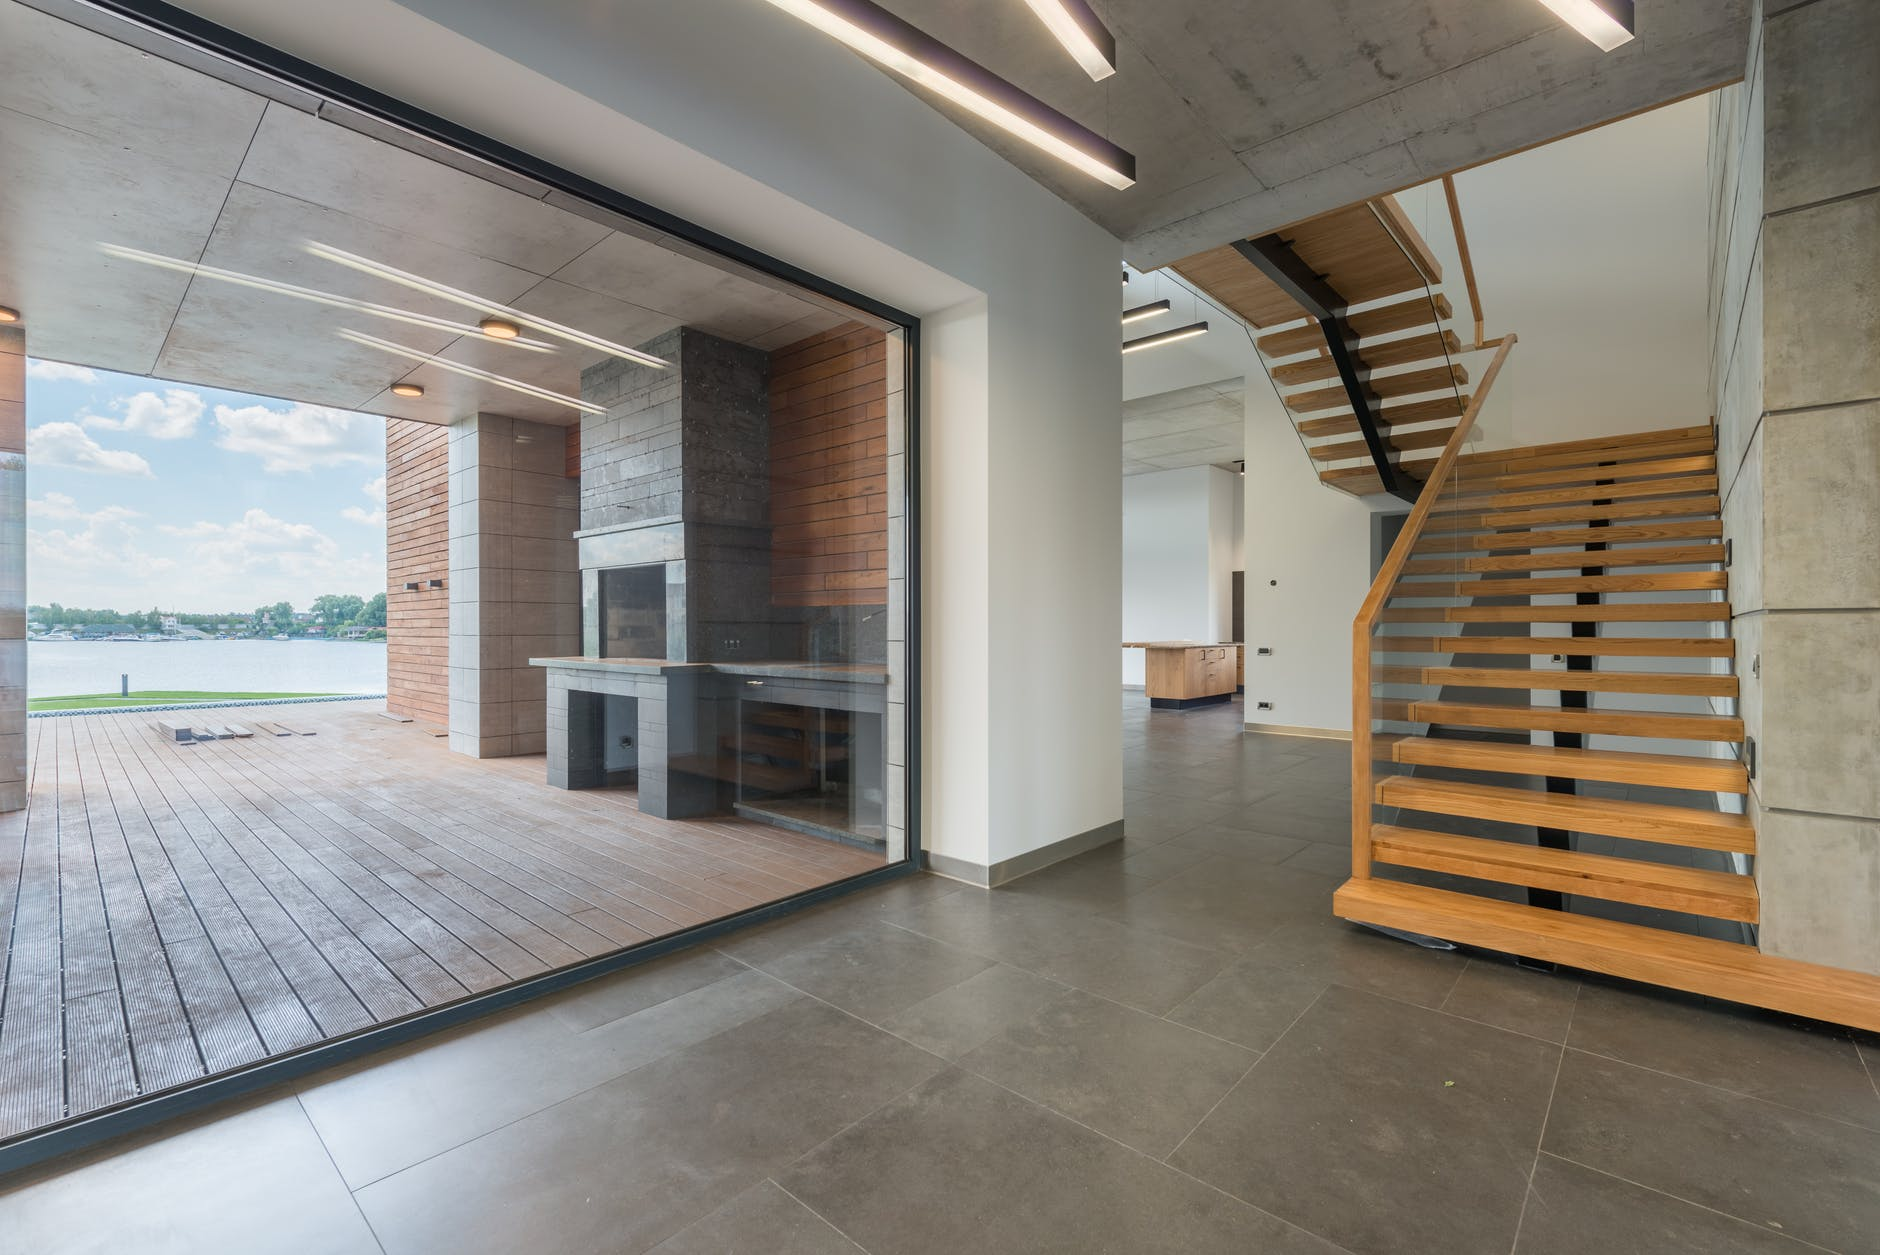 miestnosť, schody